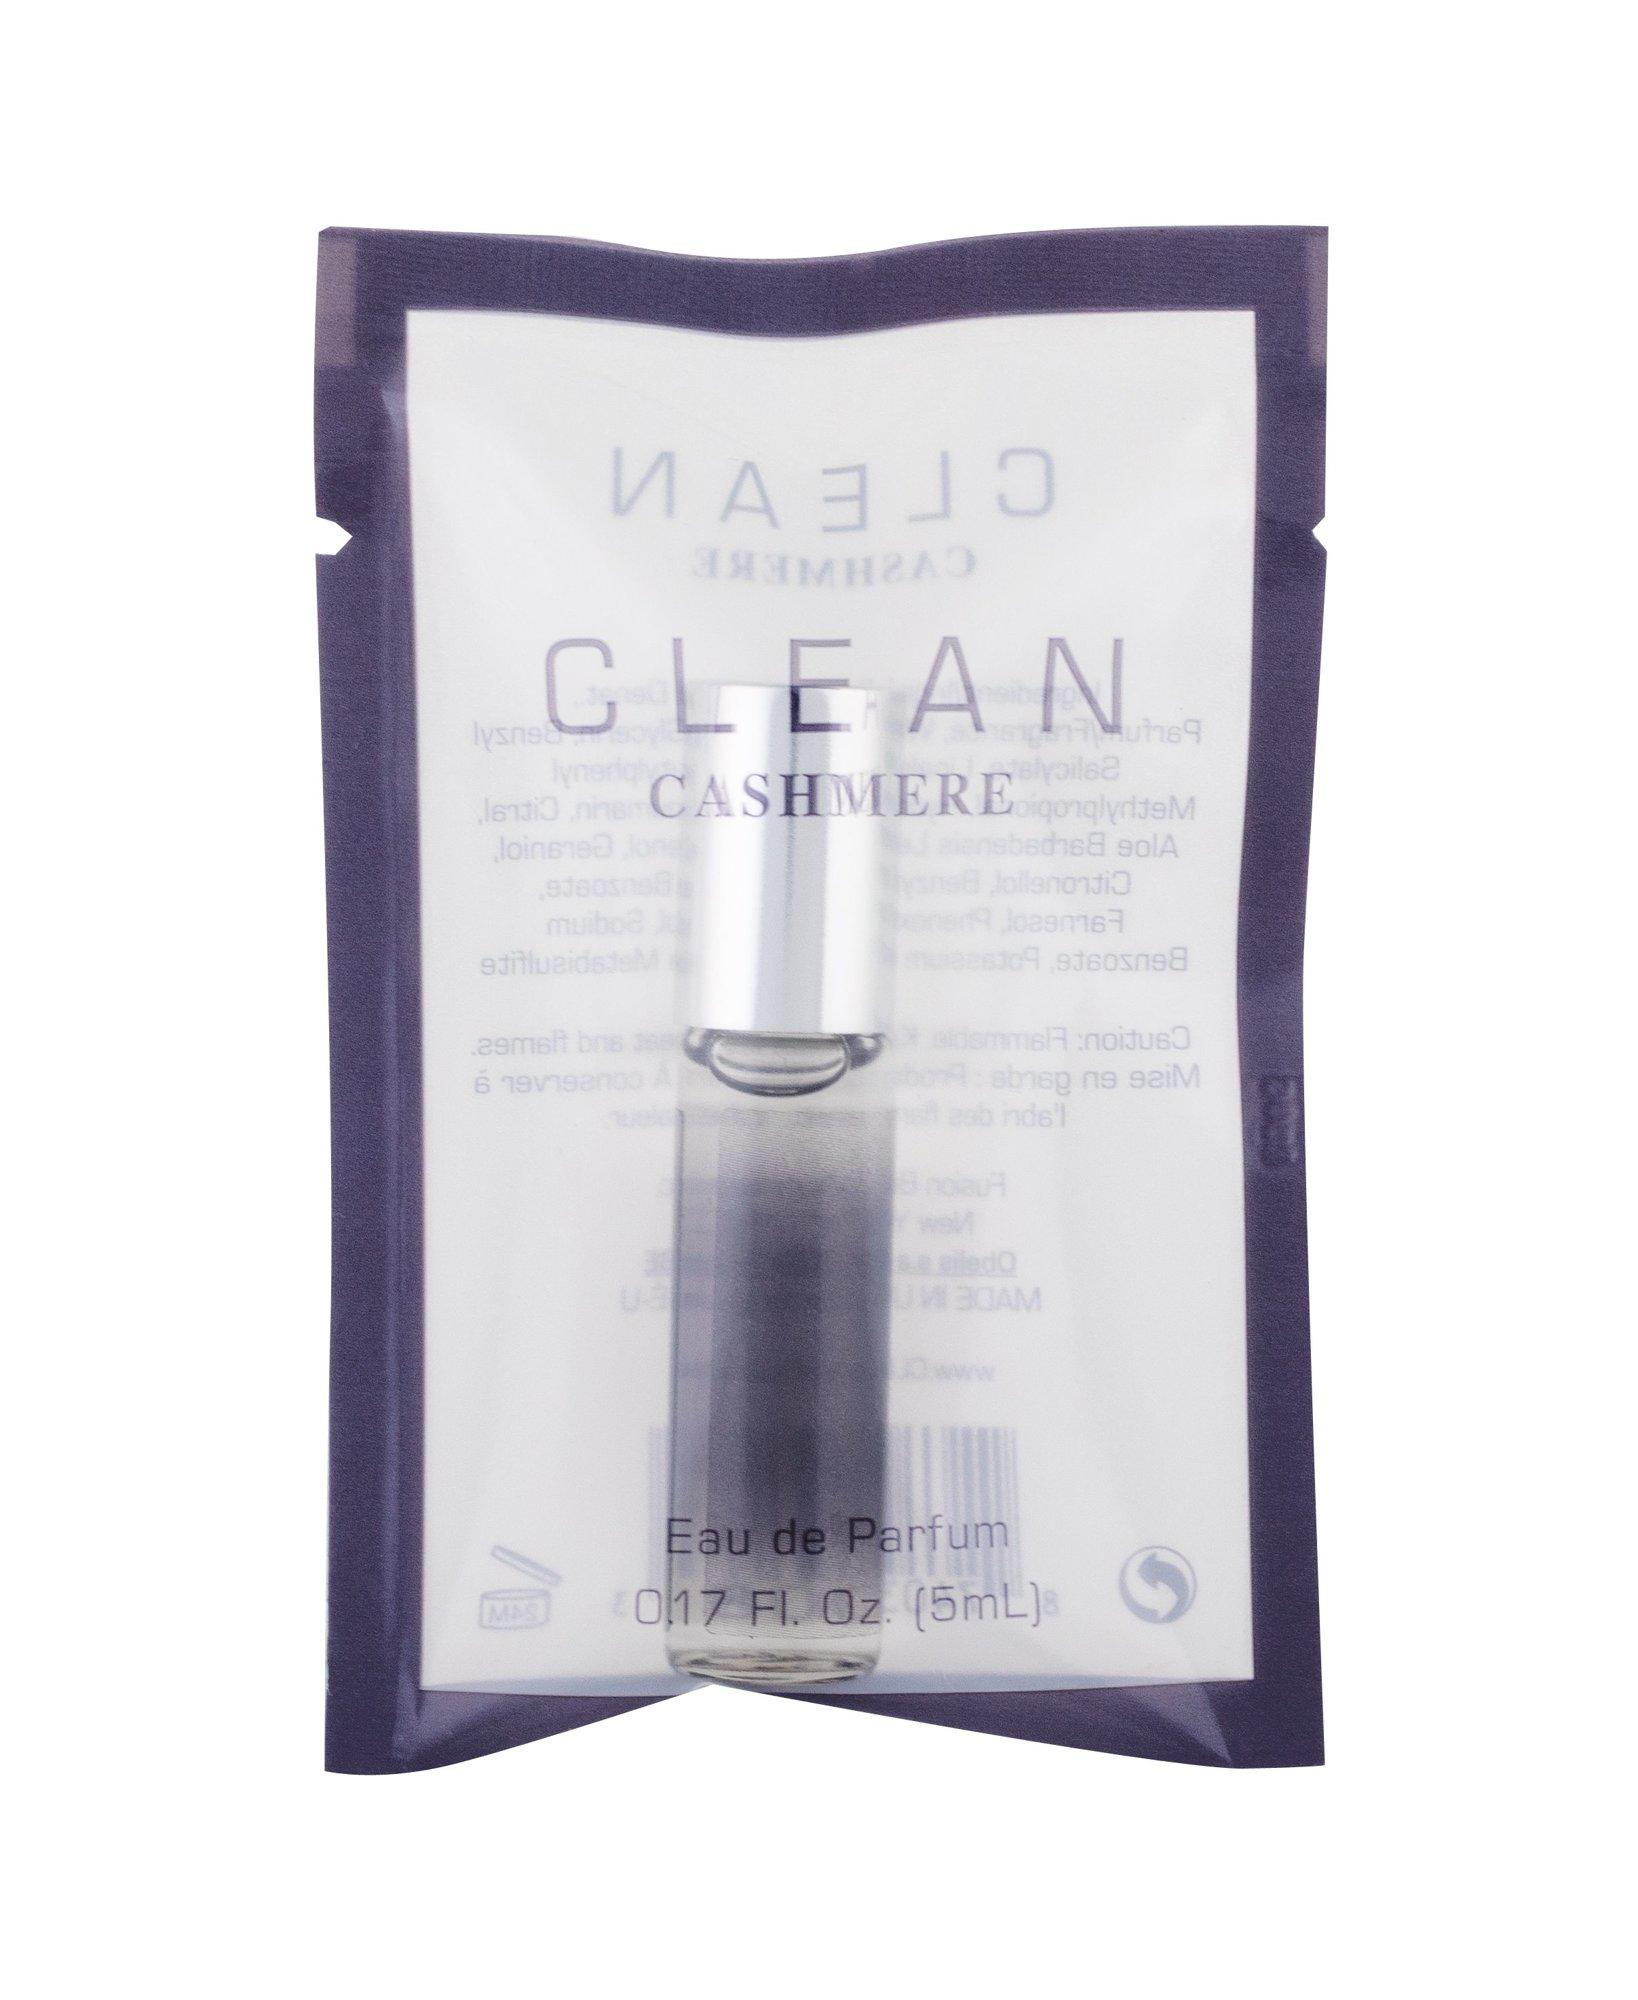 Clean Cashmere Eau de Parfum 5ml